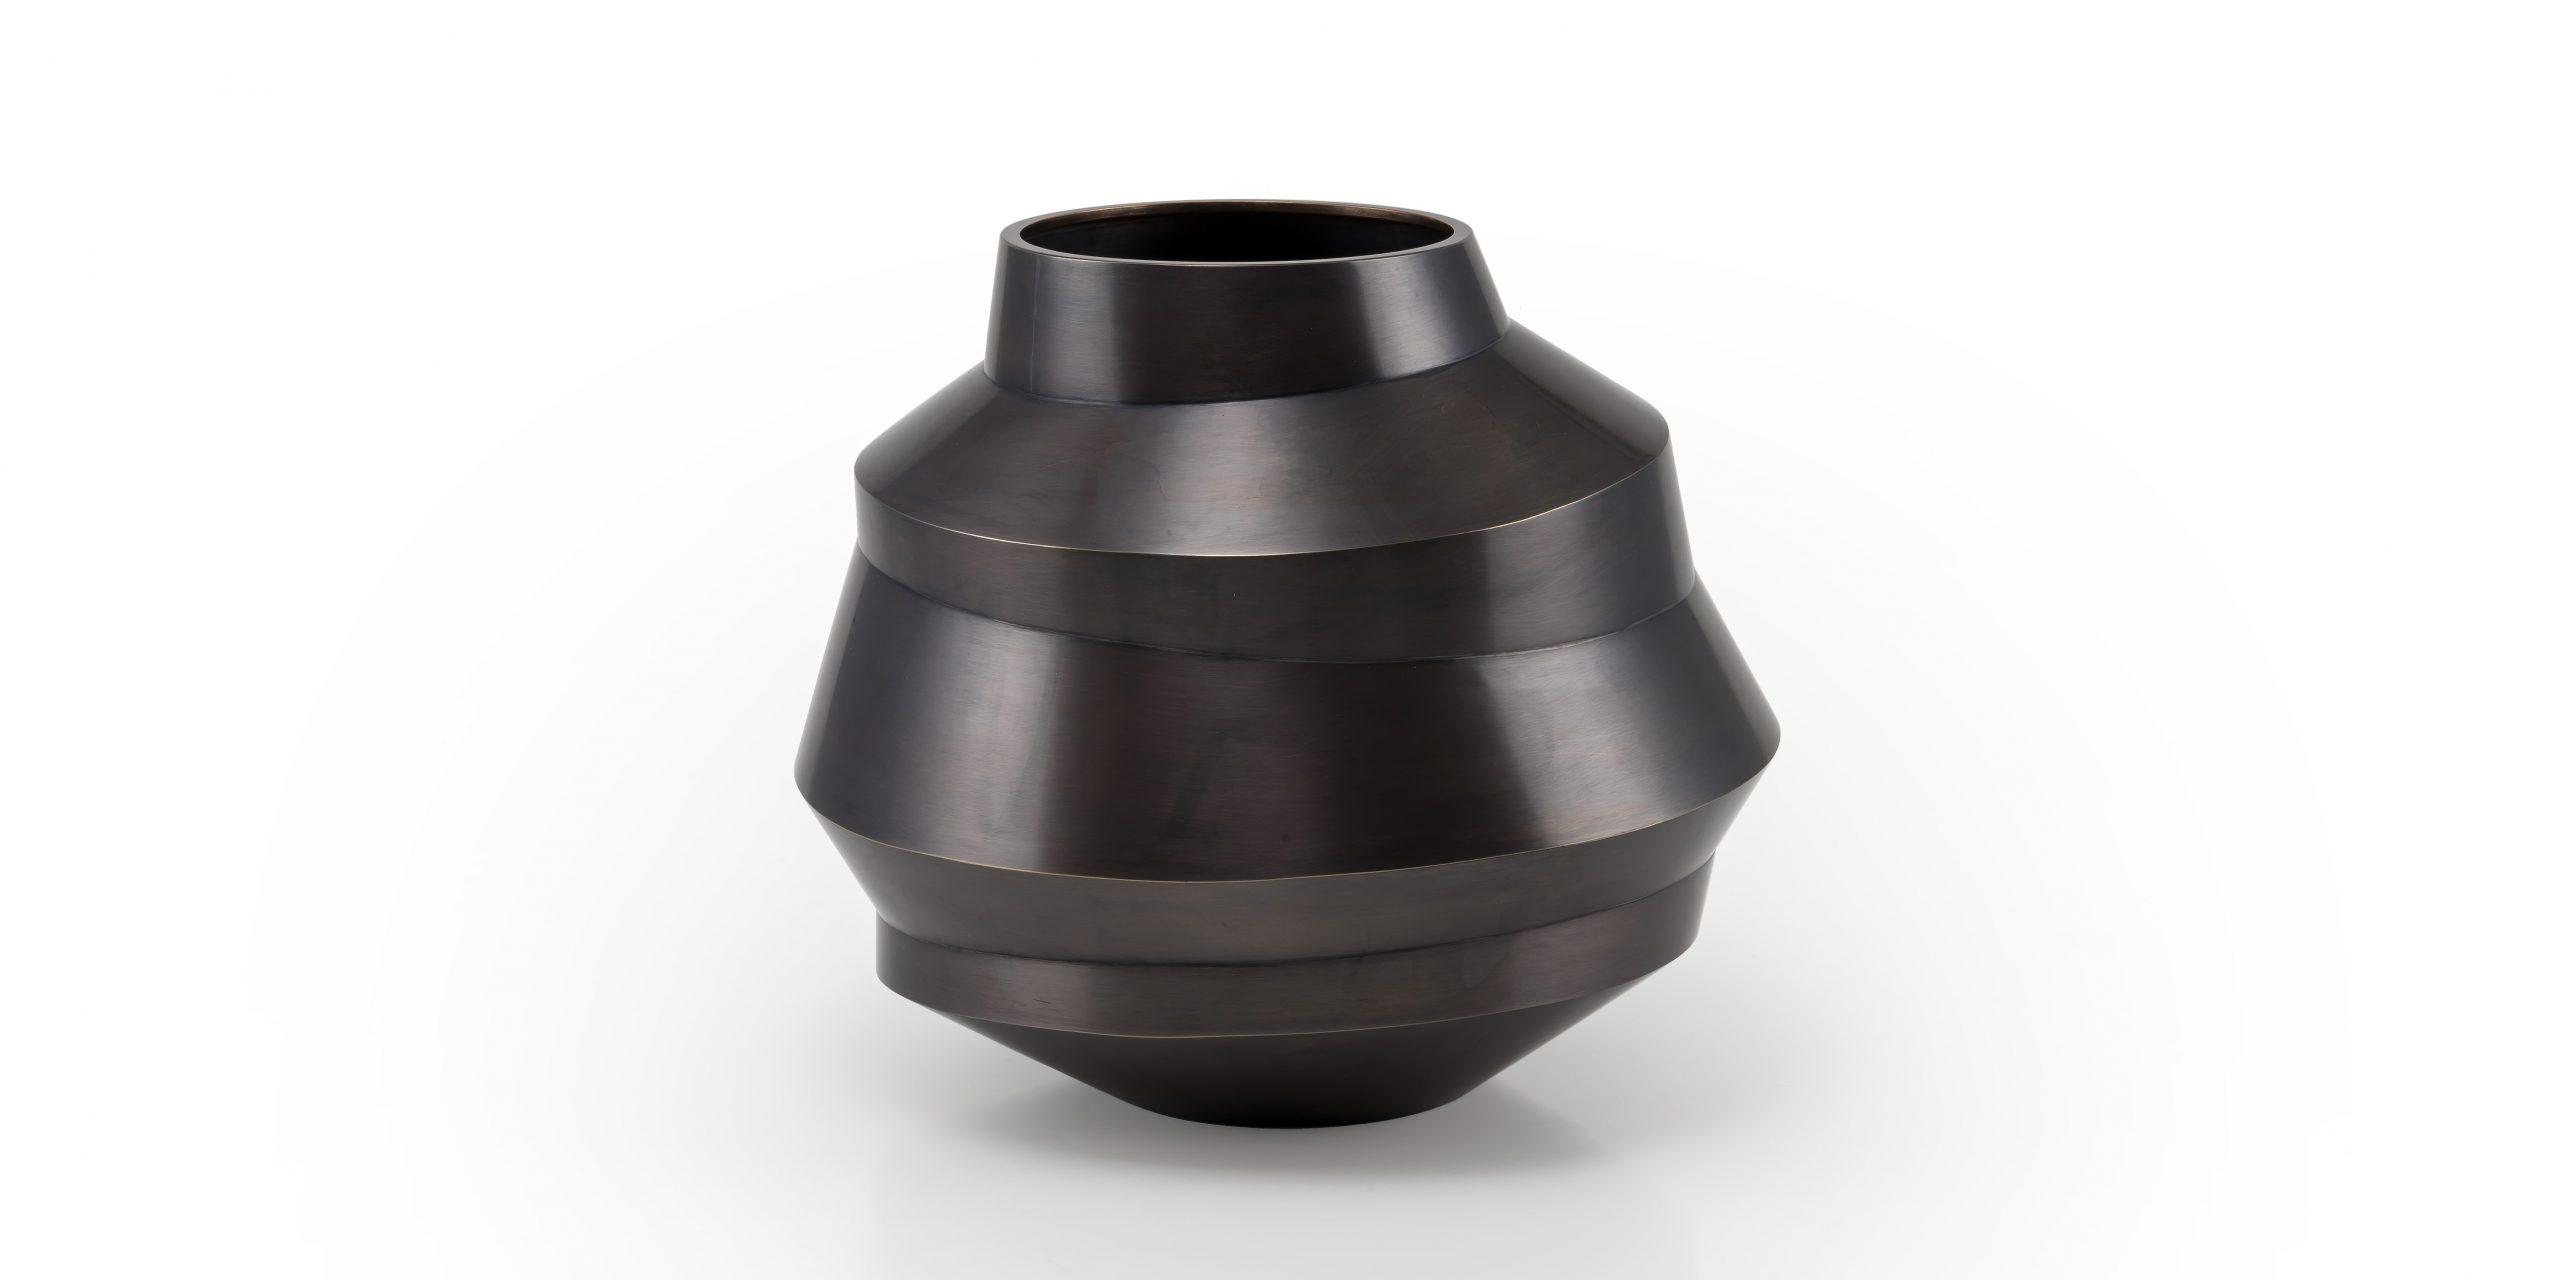 Leonards - Silberschmiede, Gefäße für den täglichen Gebrauch aus Silber, Bronze und der Messinglegierung Tombak